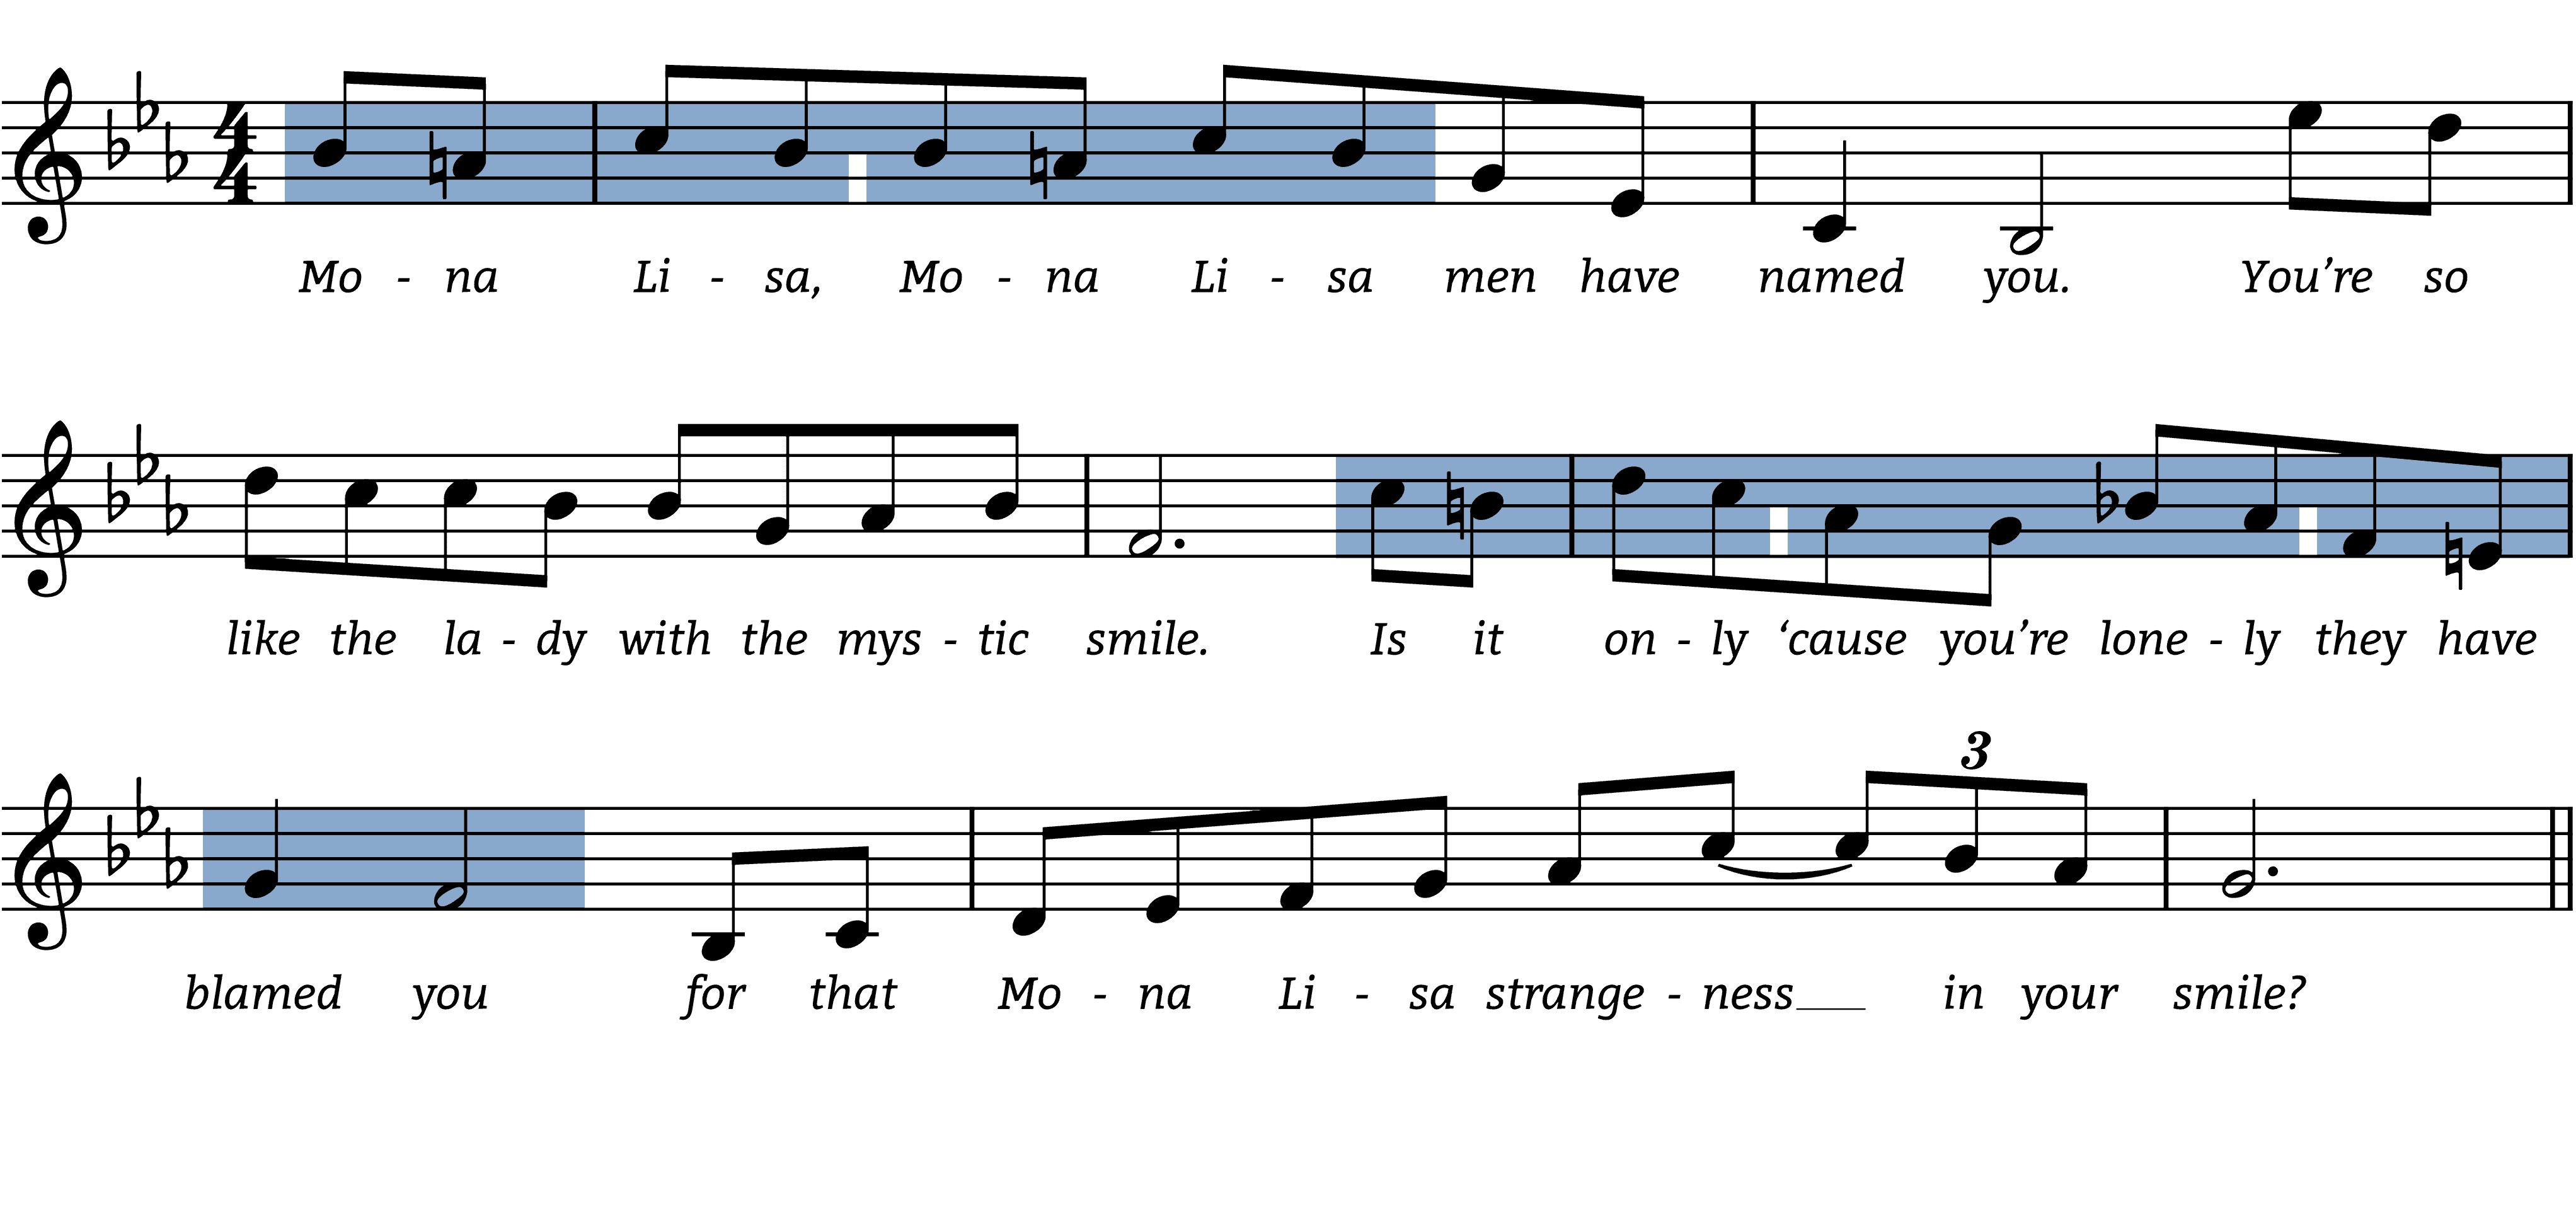 mona-lisa melodic figures